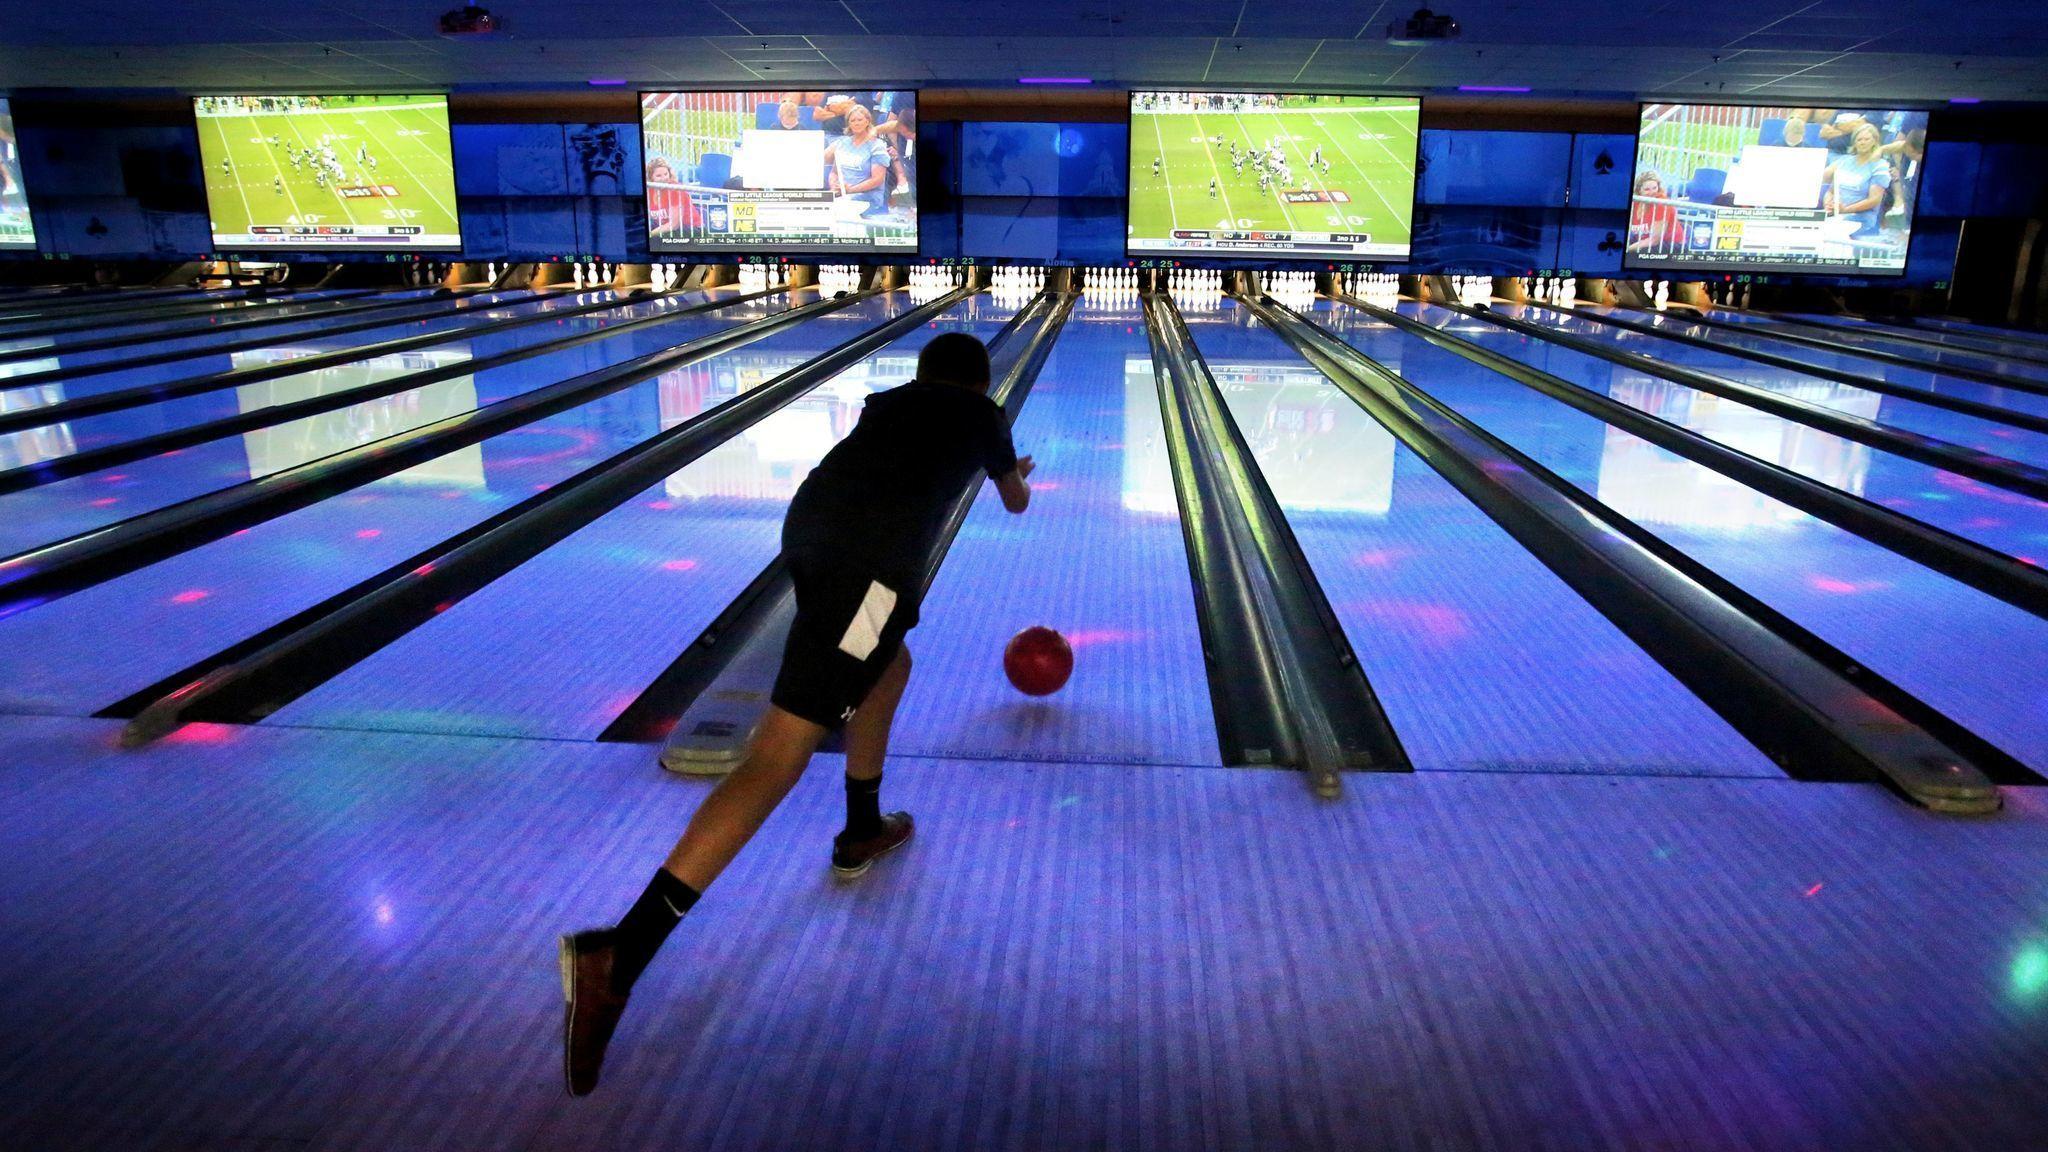 A boy bowls in a bowling alley.